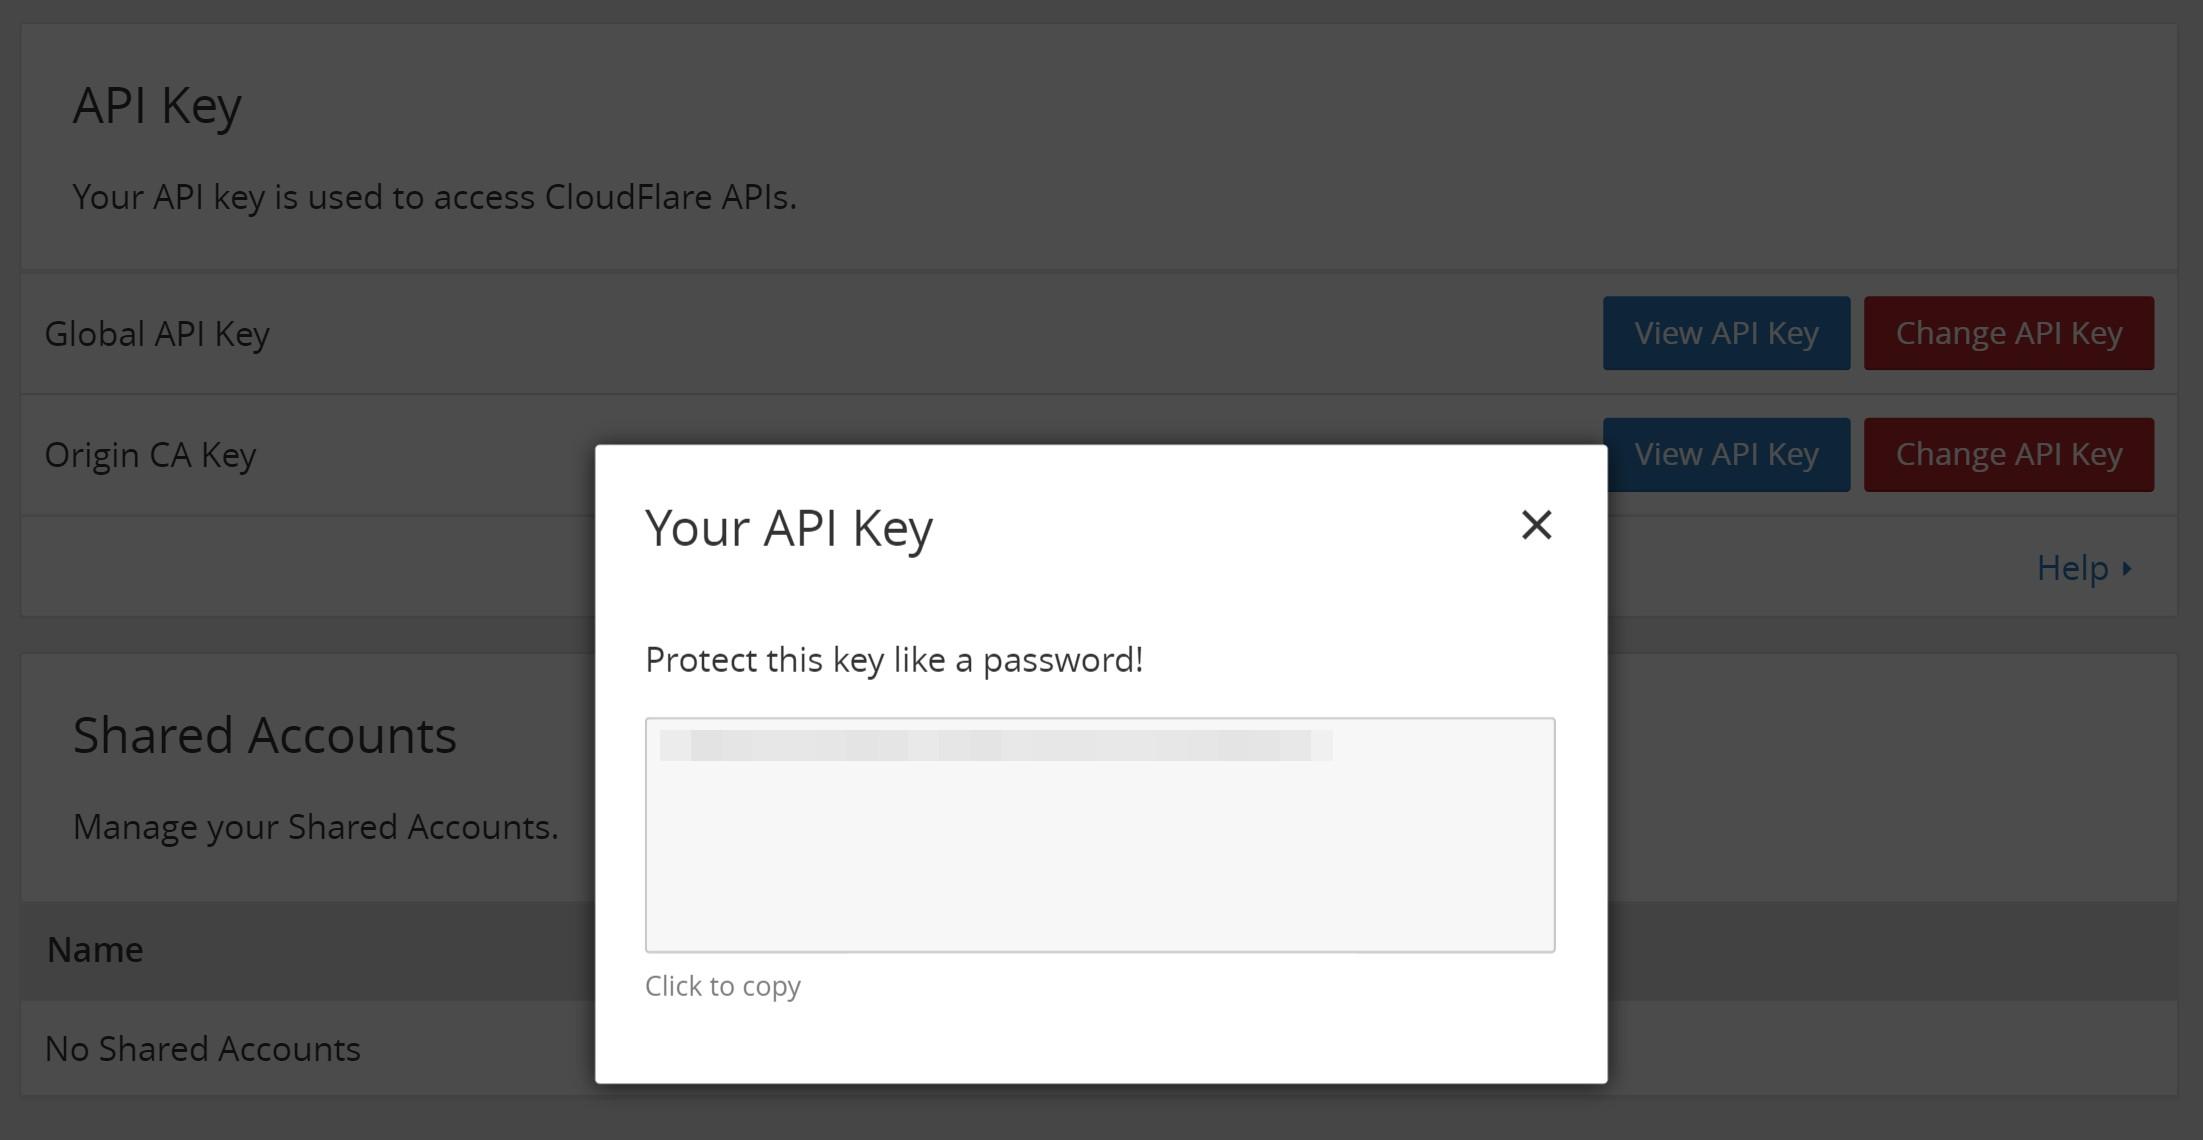 cloudflare_api_modal